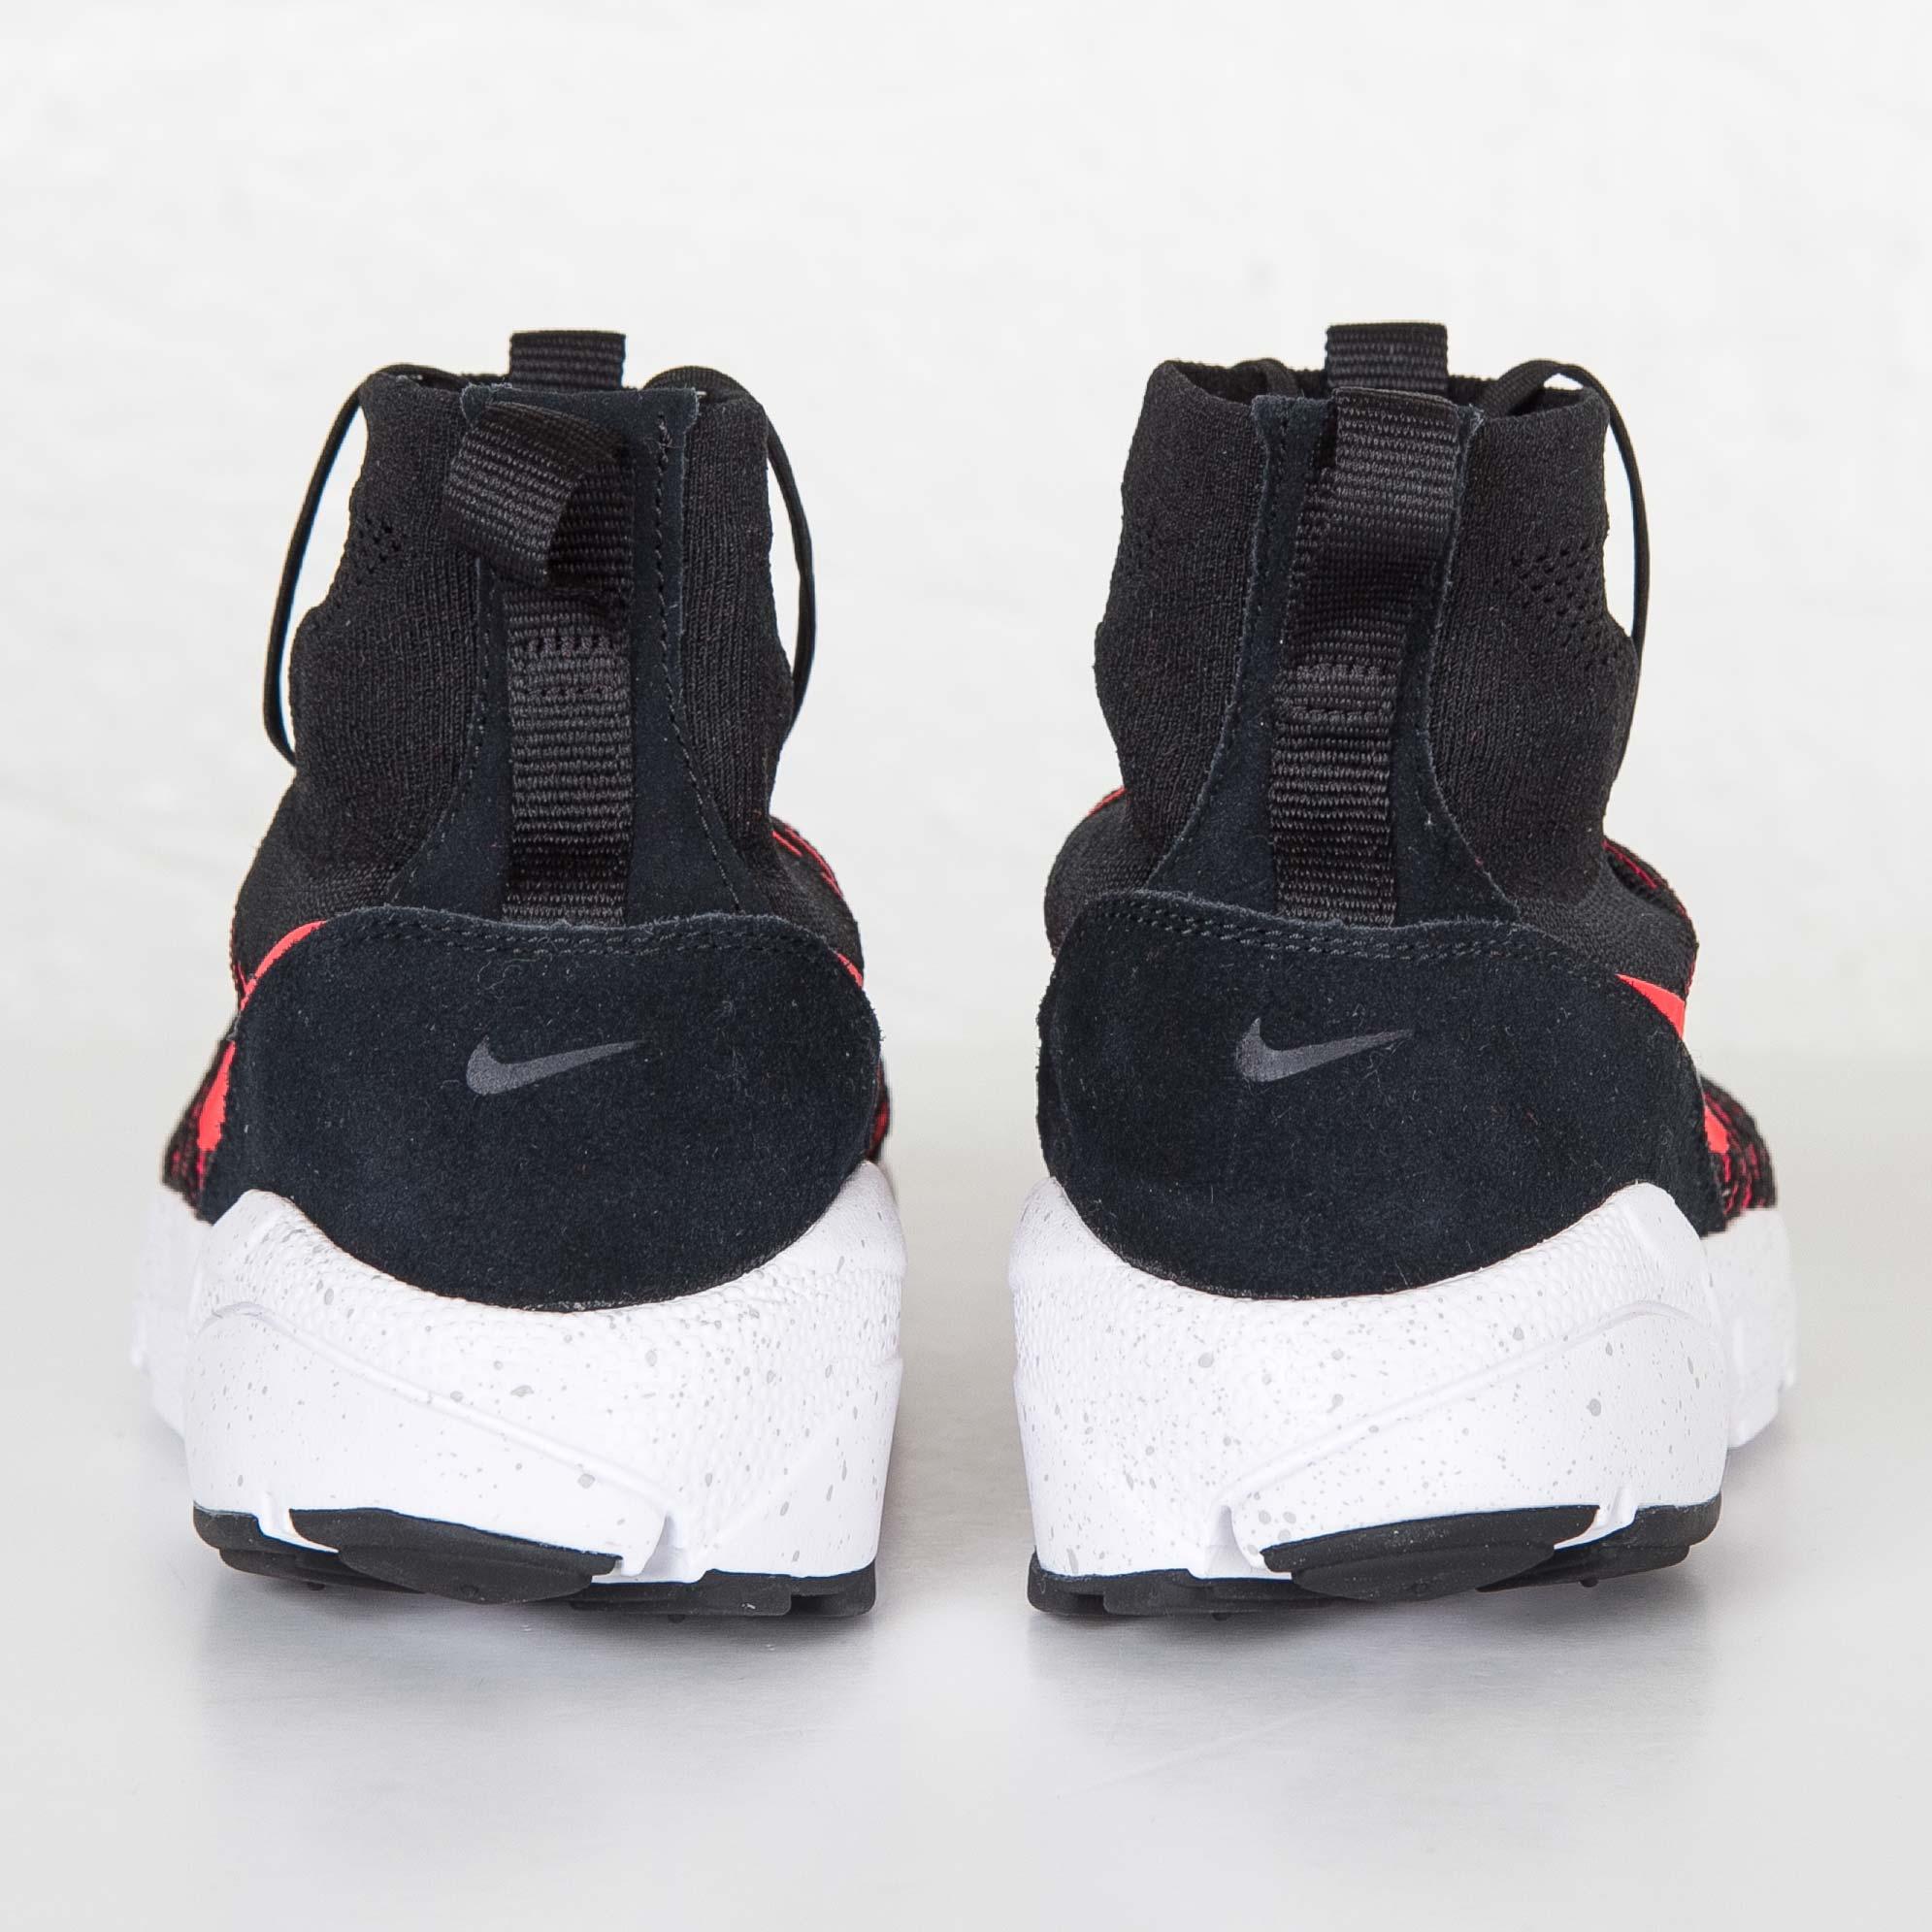 best website 80a07 50272 Nike Air Footscape Magista Flyknit - 816560-002 - Sneakersnstuff   sneakers    streetwear online since 1999